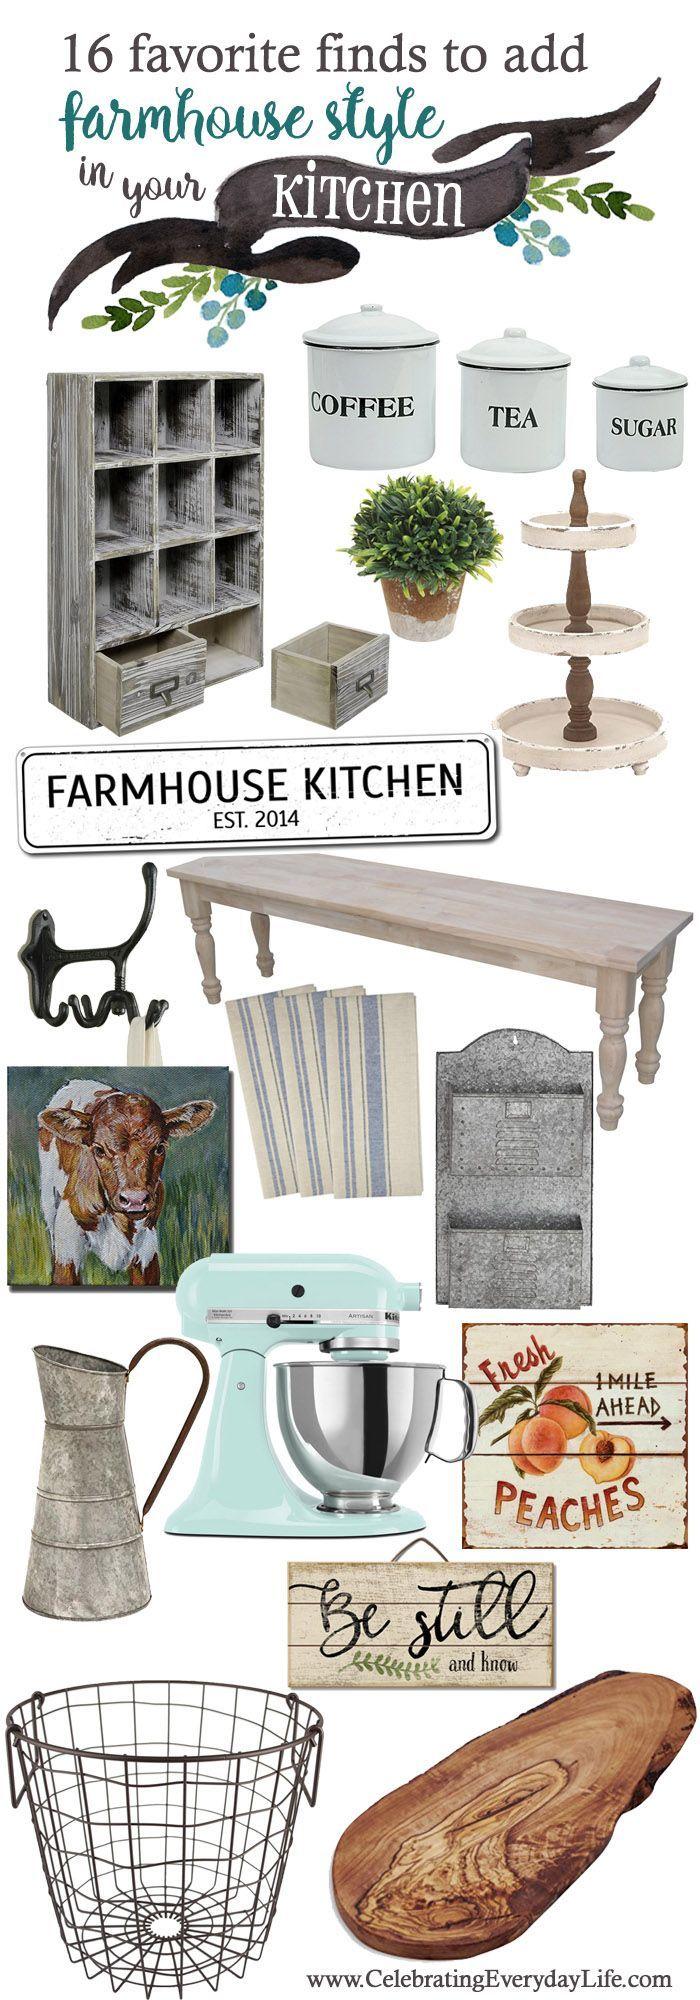 Best 25+ Cow kitchen decor ideas on Pinterest | Cow kitchen, Cow ...